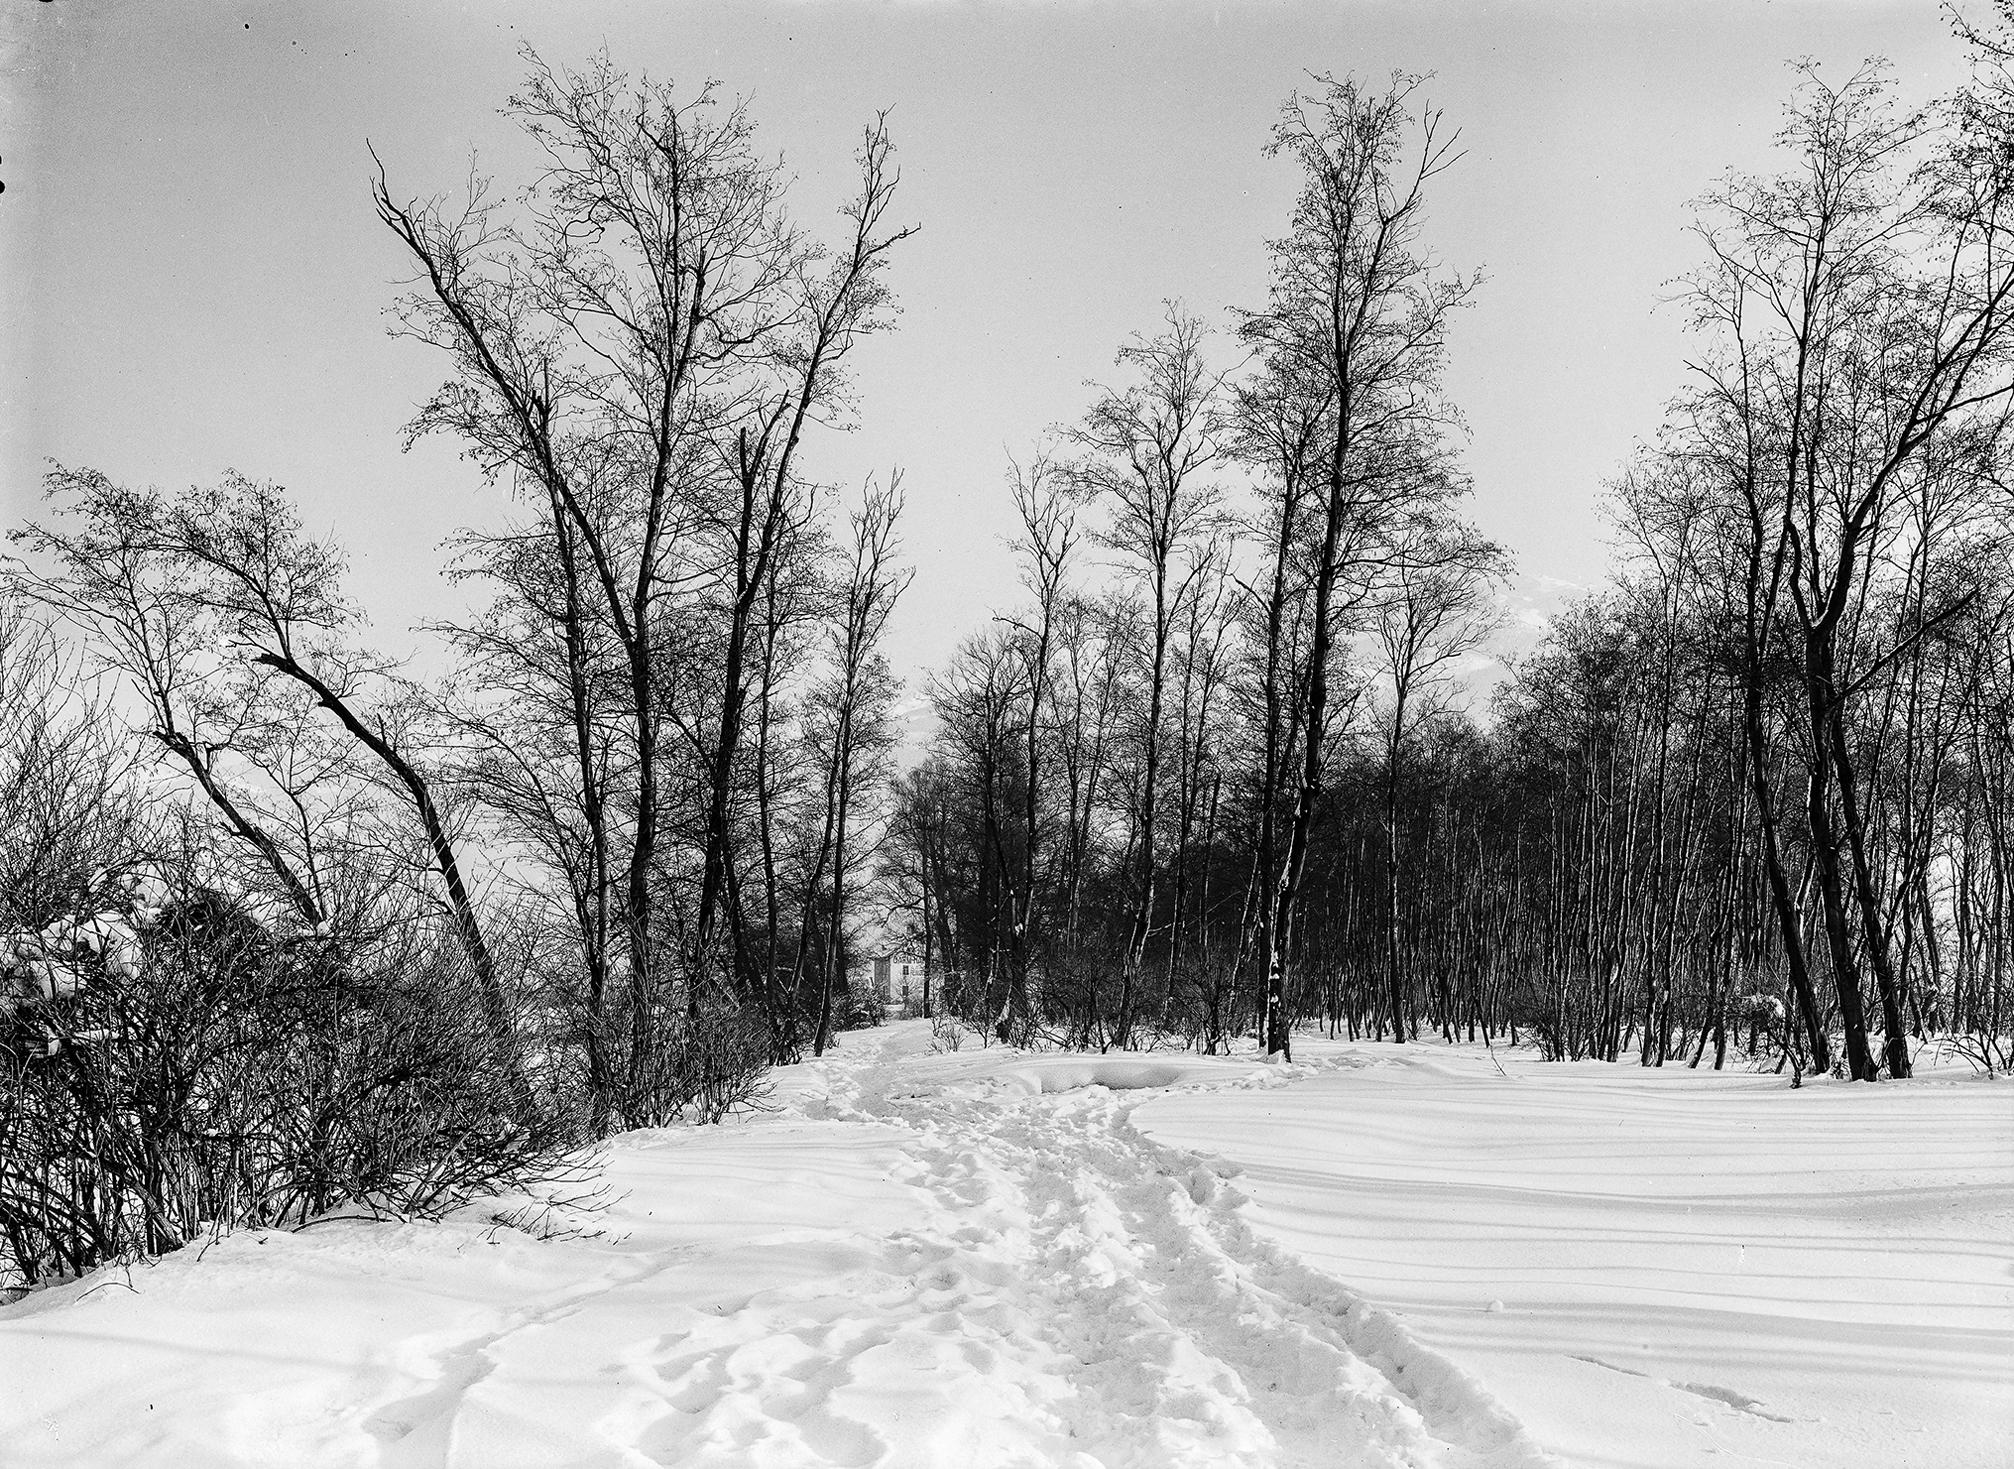 Winterspaziergänge… Mit Den Augen Des Unbekannten Fotografen XXVI